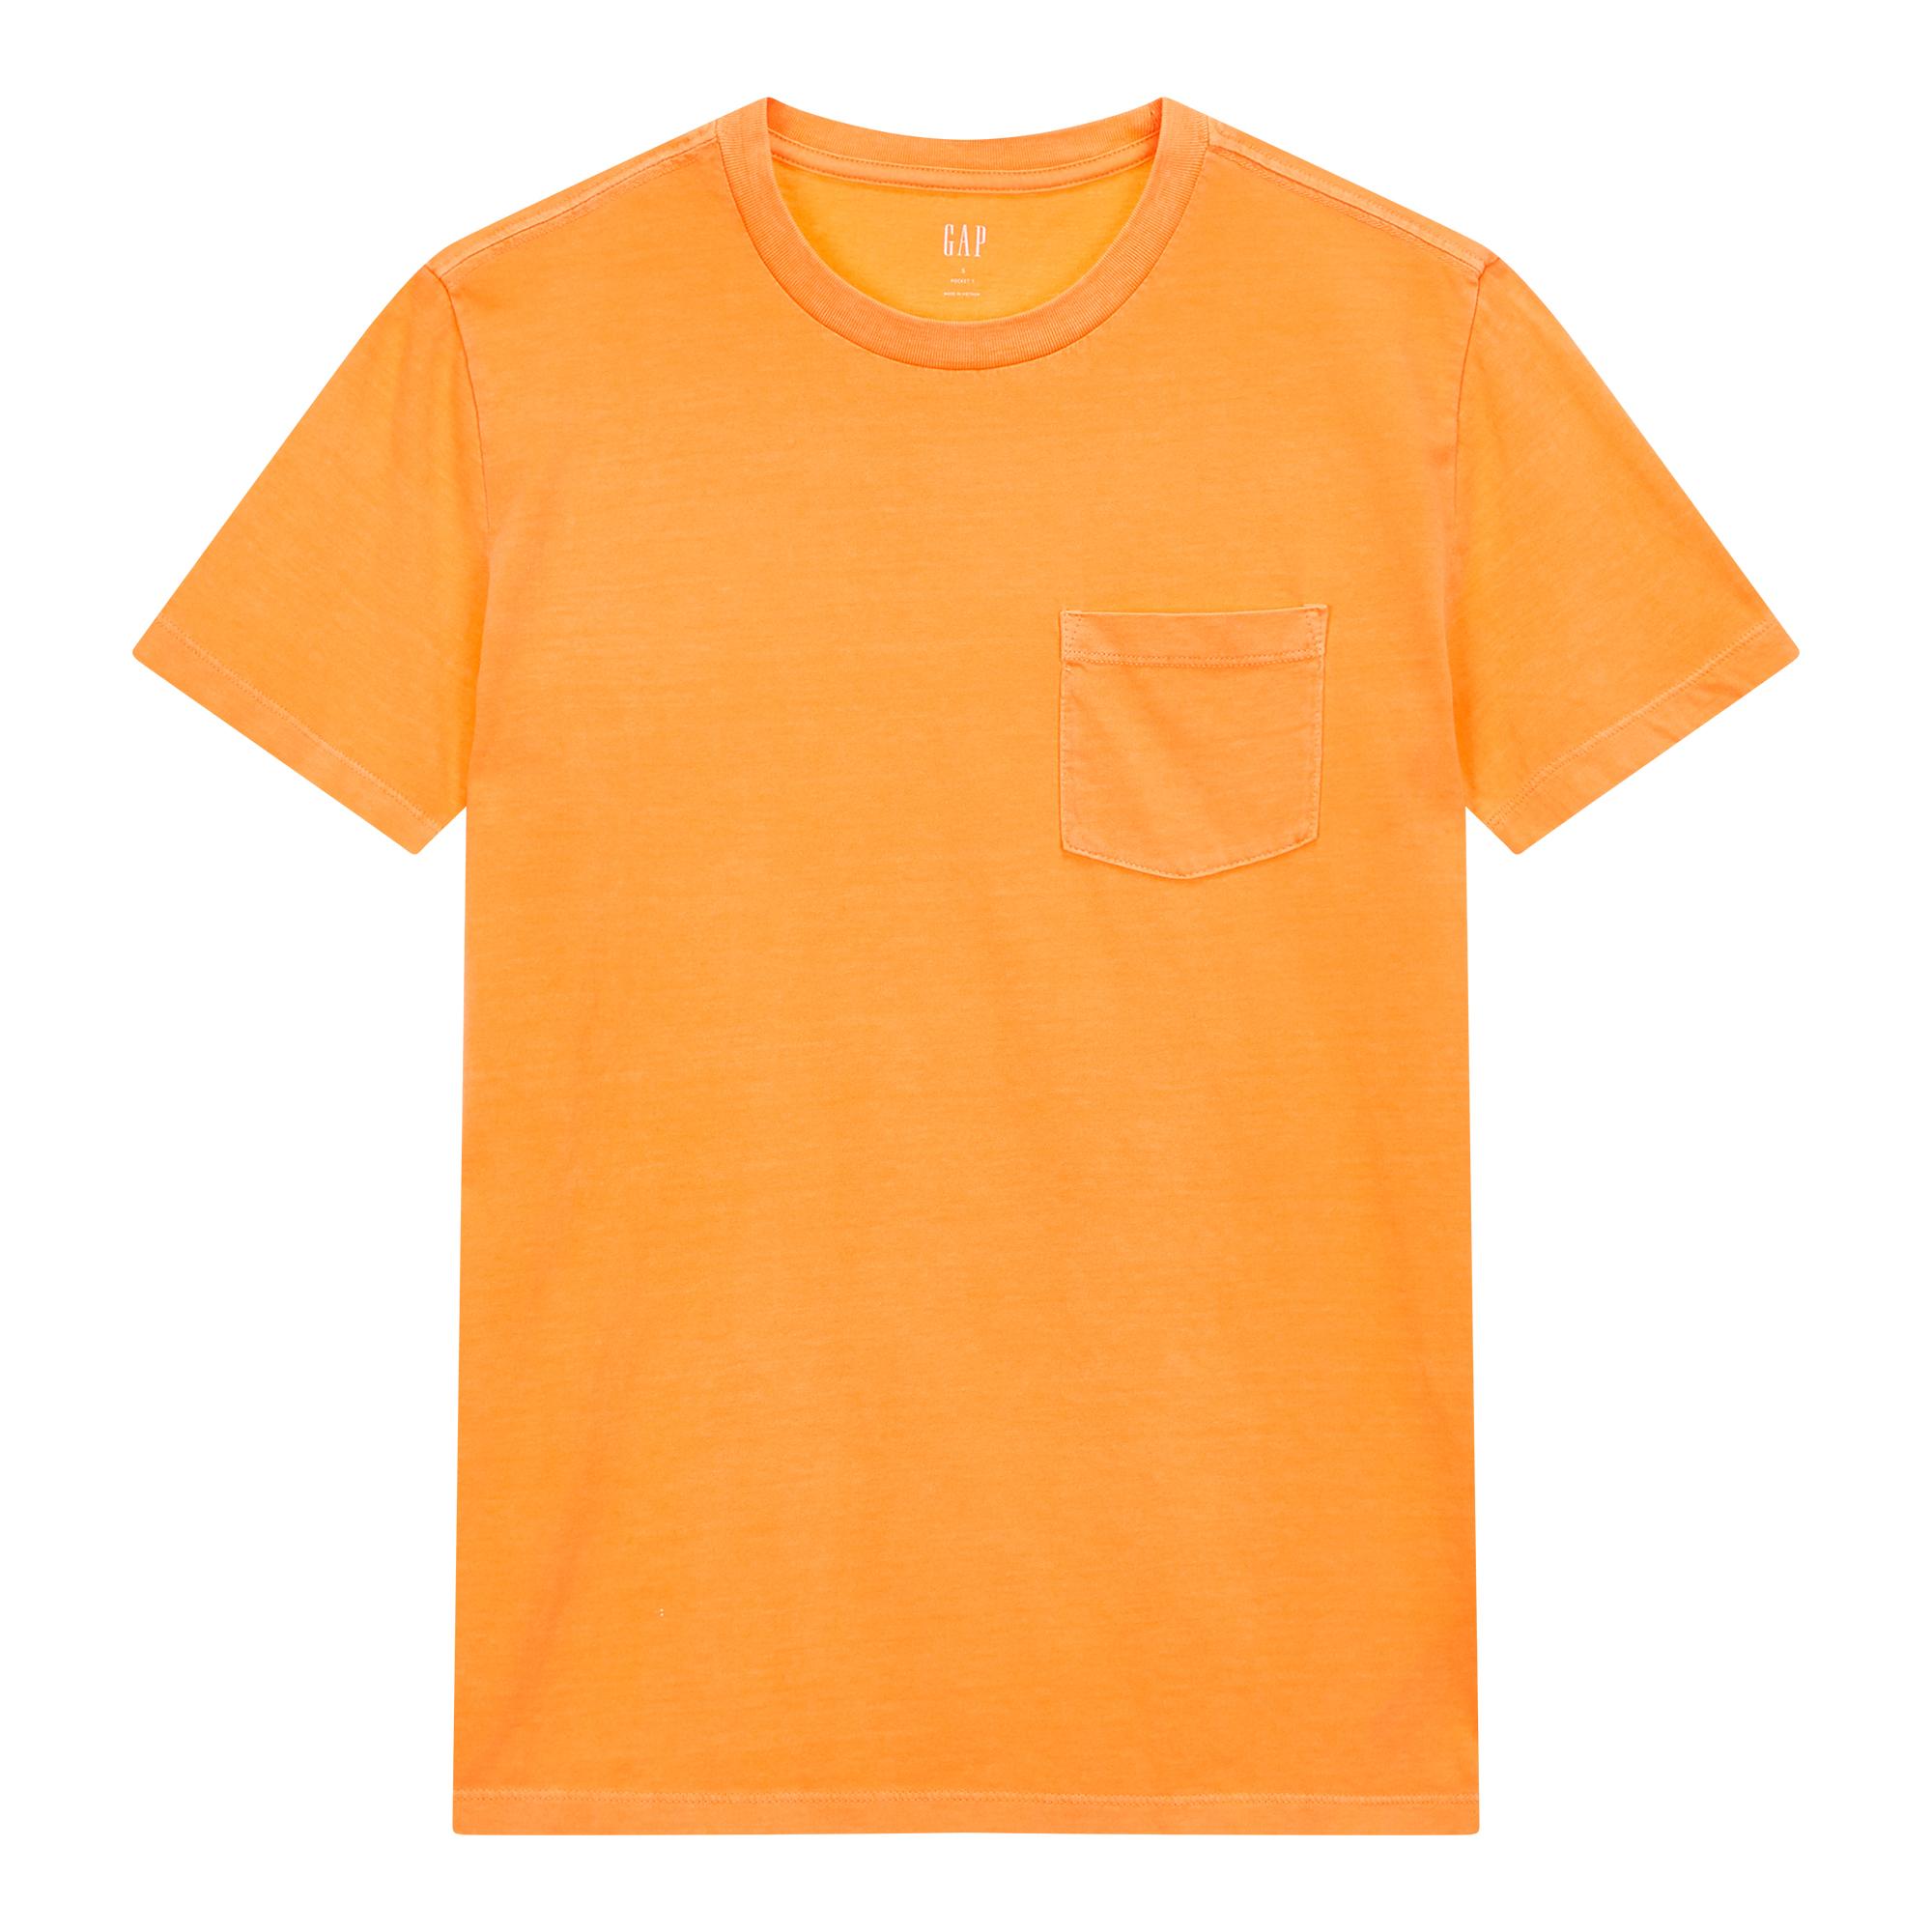 ★갭 남성 19년 SUMMER★ 패치 포켓 크루넥 반팔 티셔츠